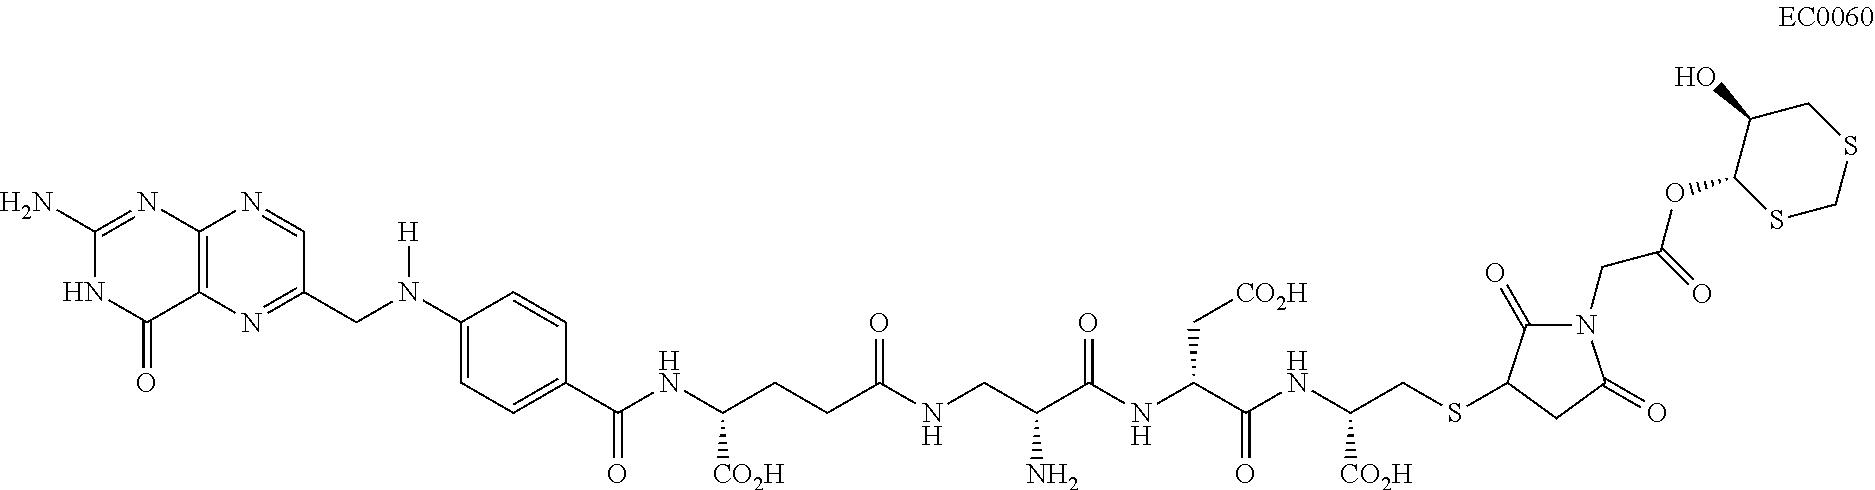 Figure US09662402-20170530-C00013